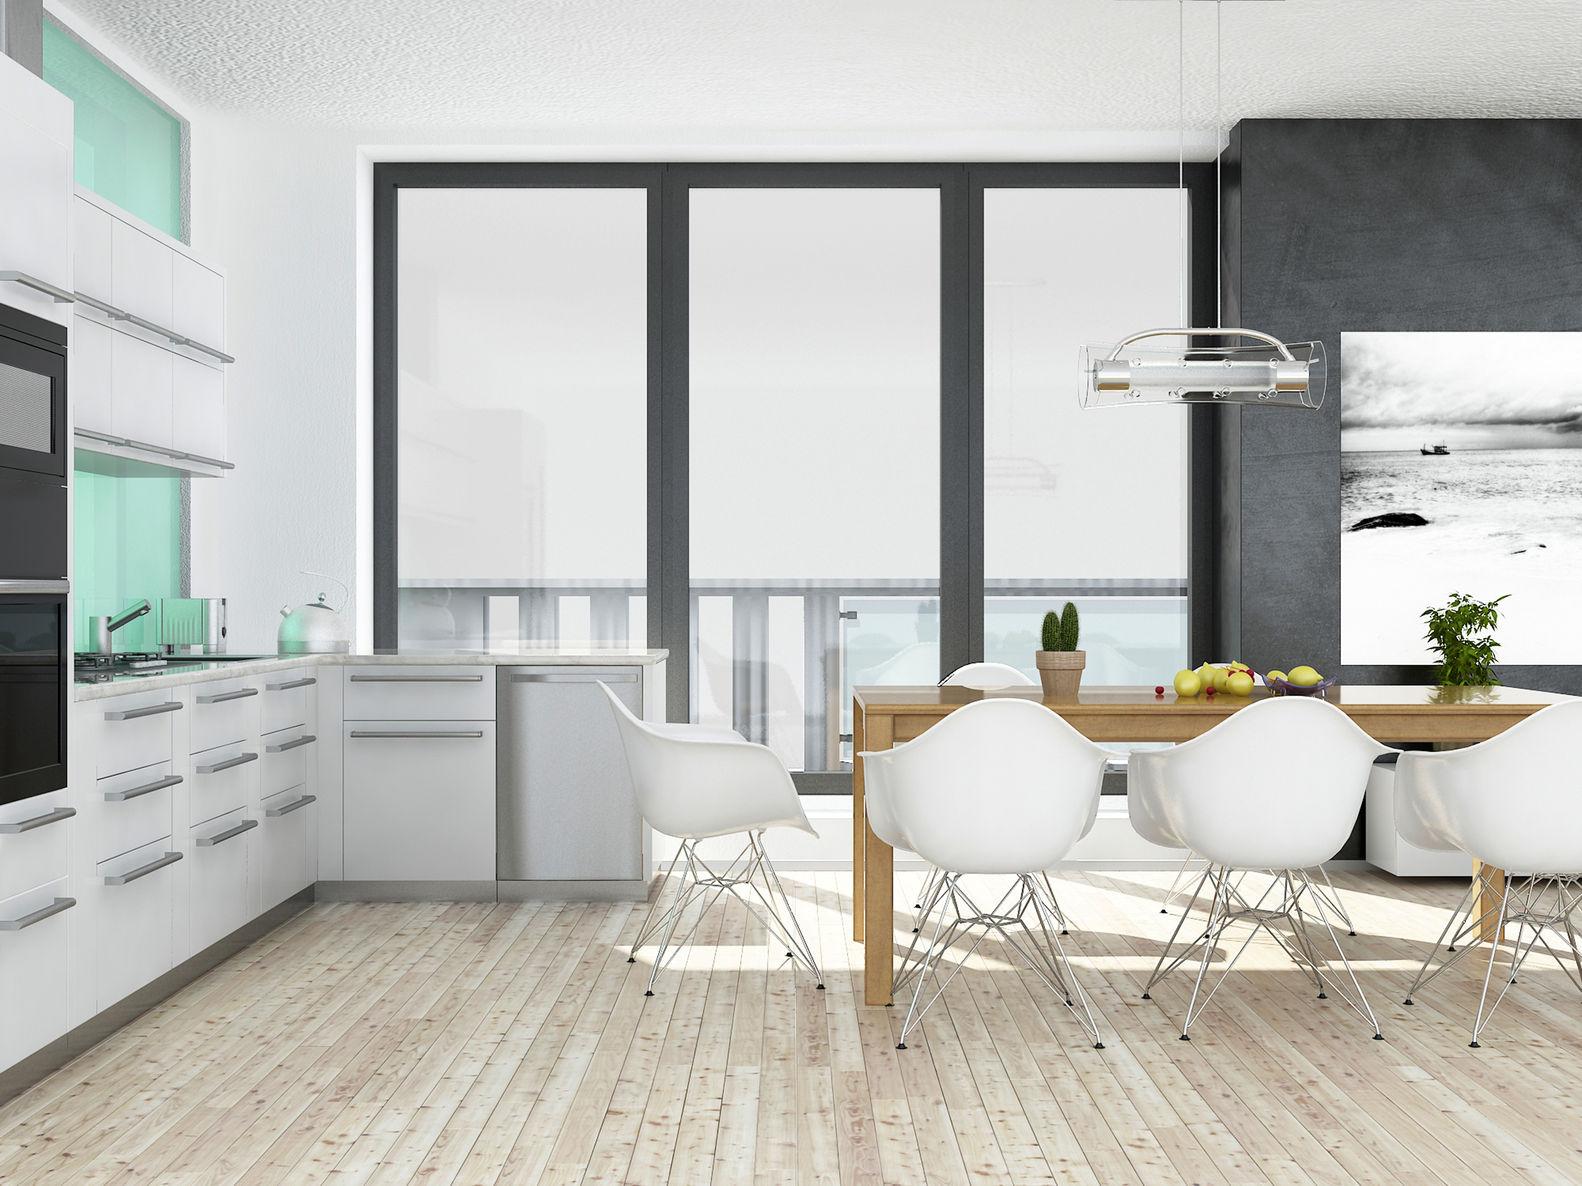 Arredare casa in stile moderno consigli e suggerimenti for Suggerimenti per arredare casa